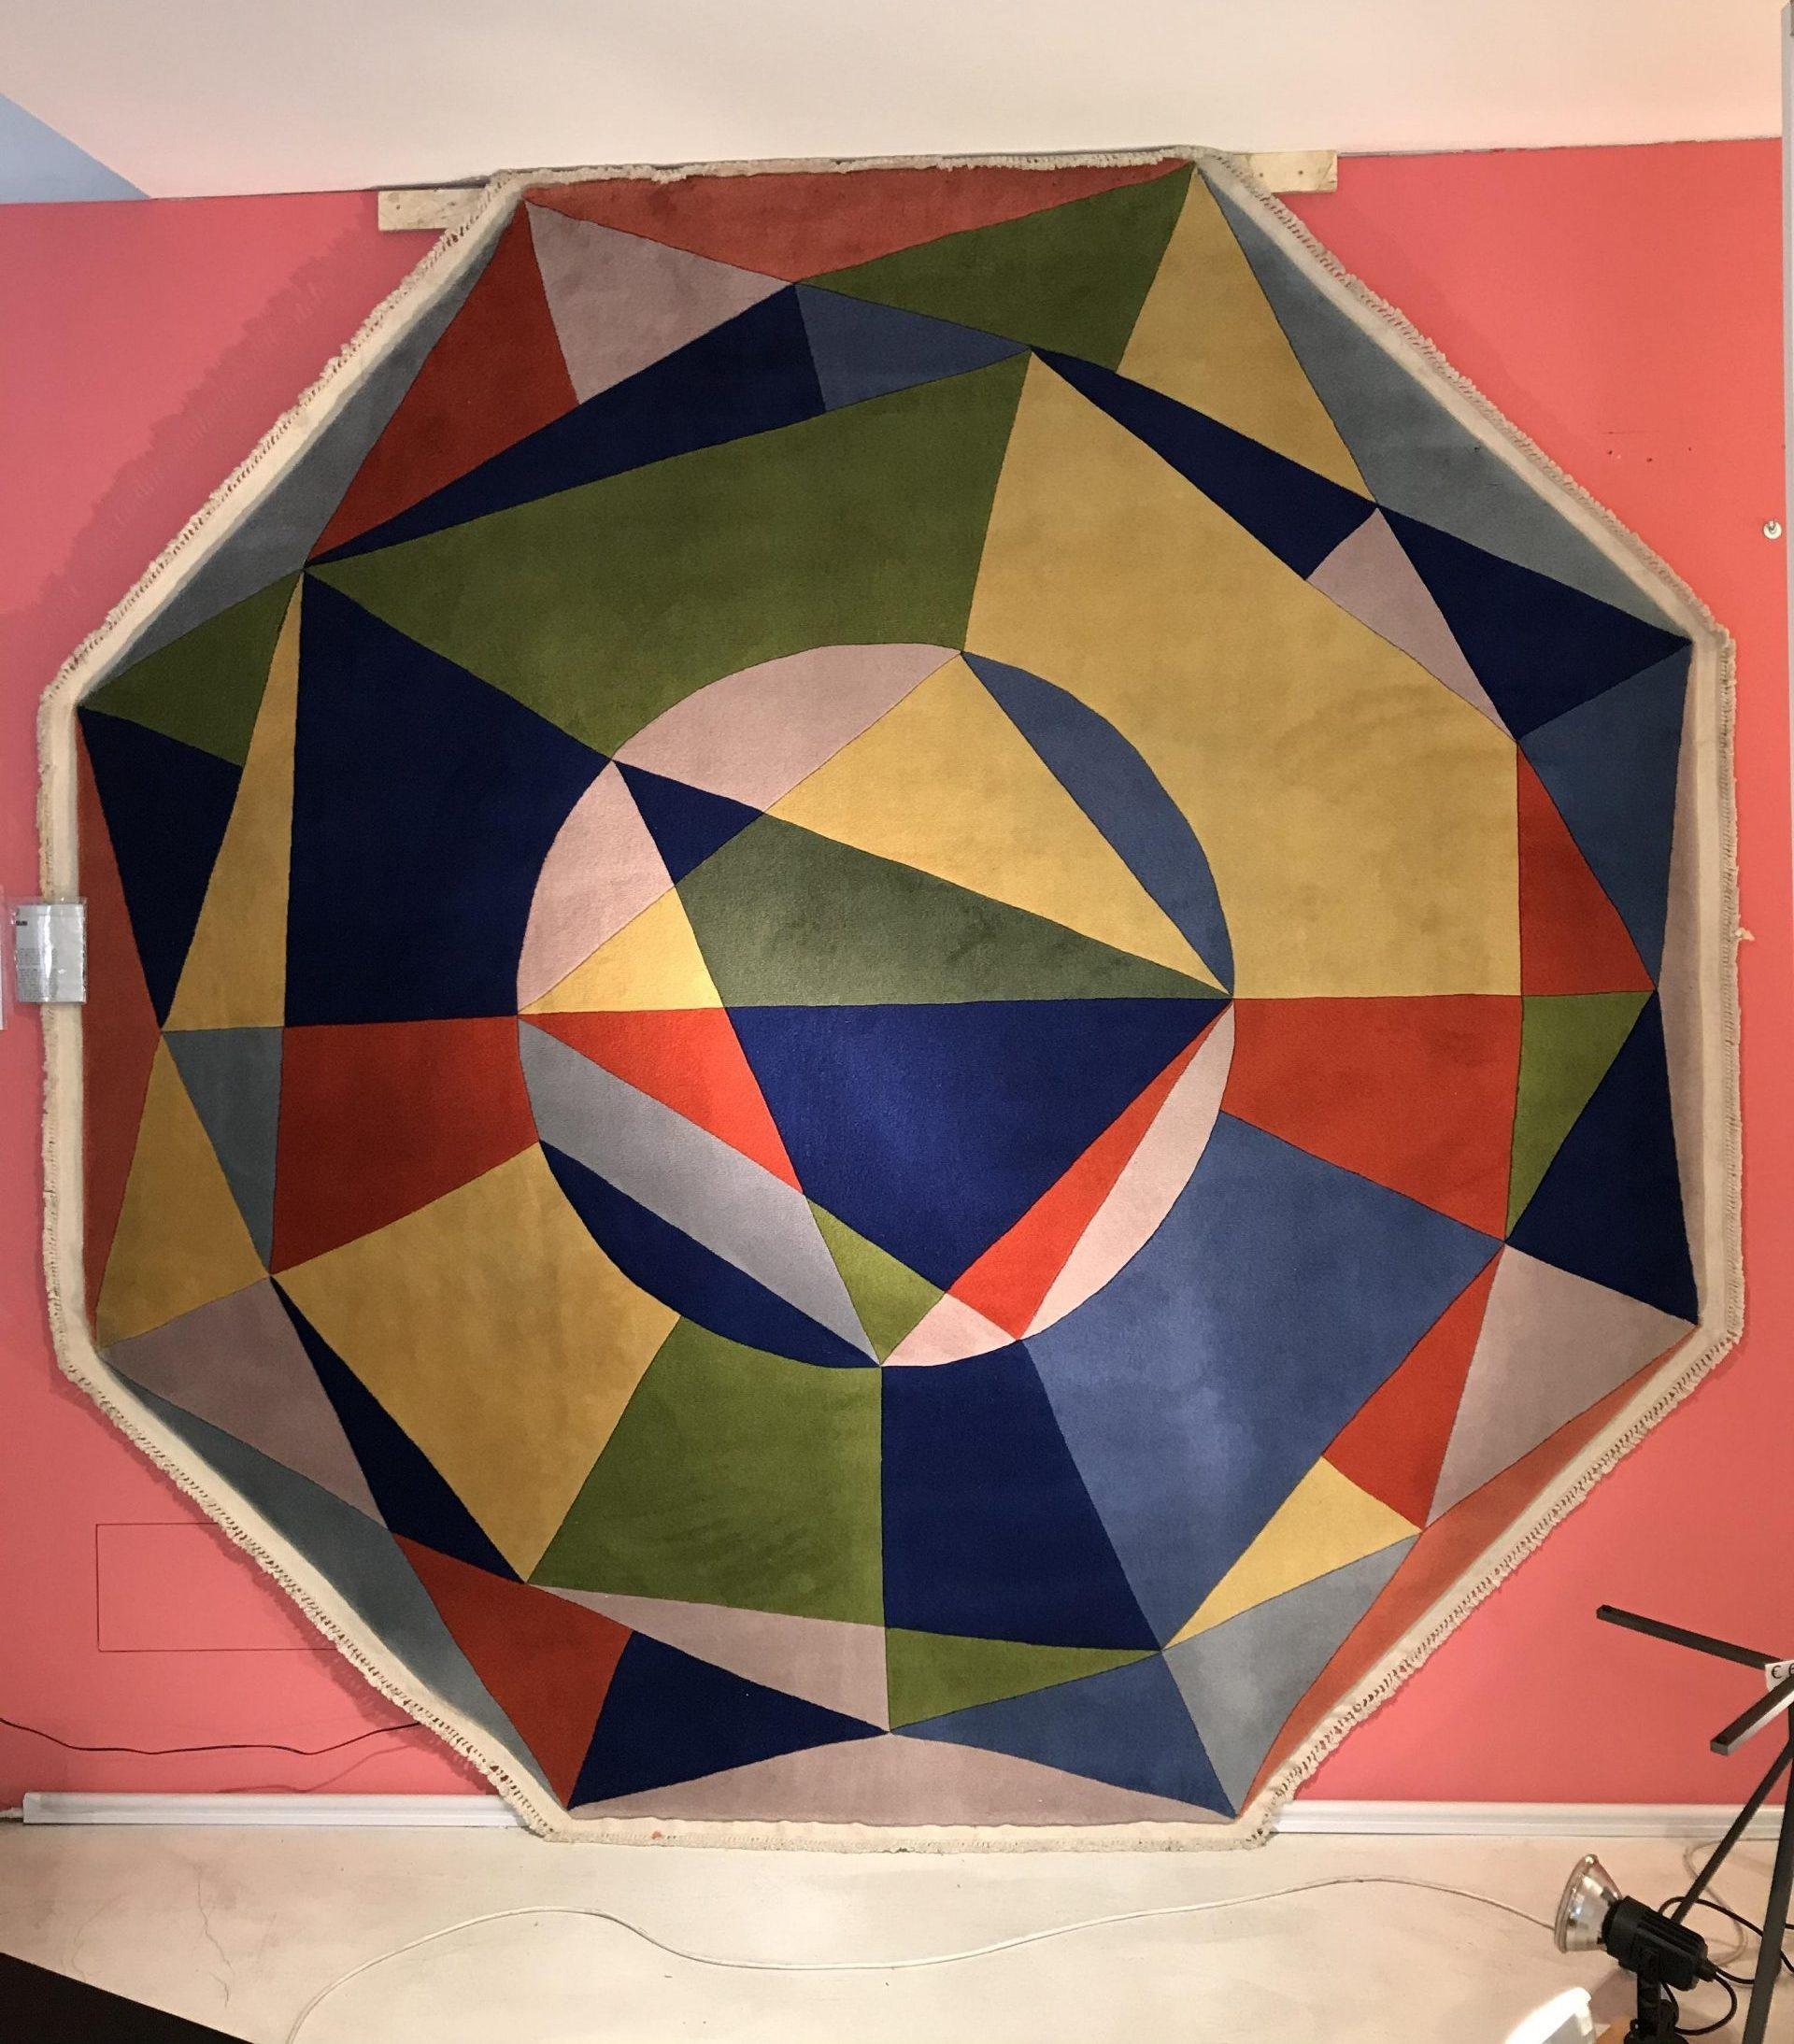 COLORPRISMA Giacomo Balla Elio Palmisano original Made in Italy 1968